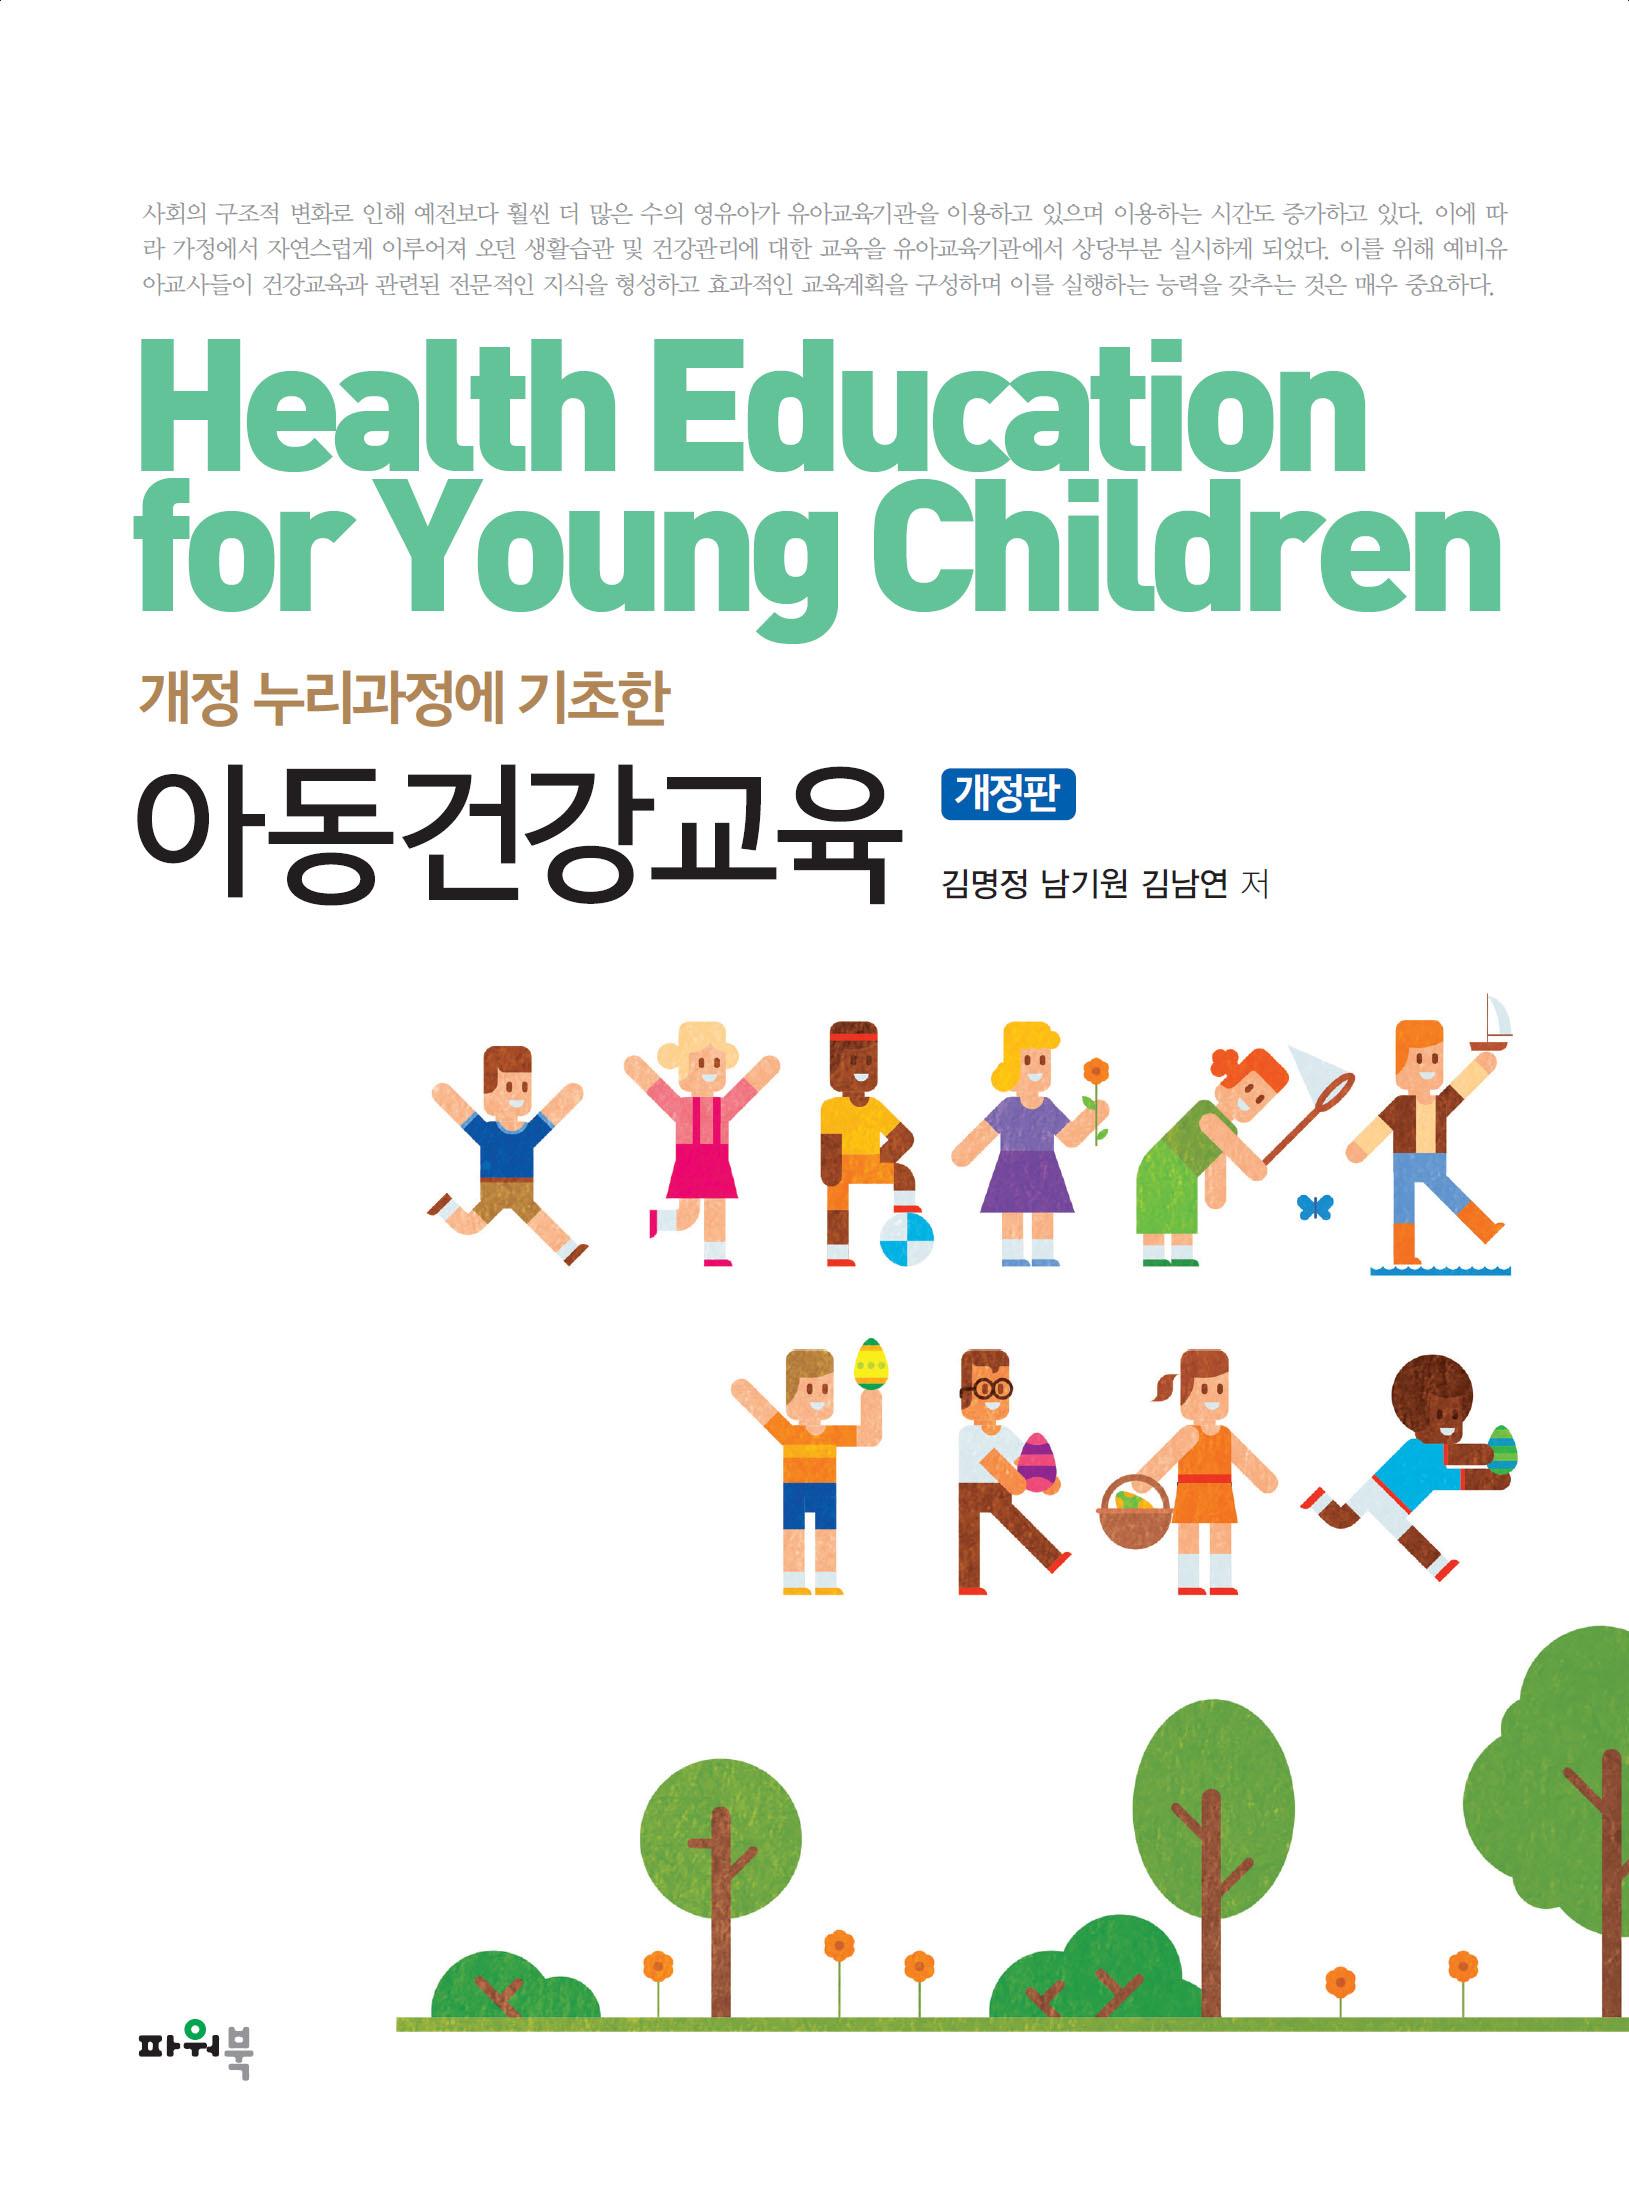 아동건강교육(개정판 표지)